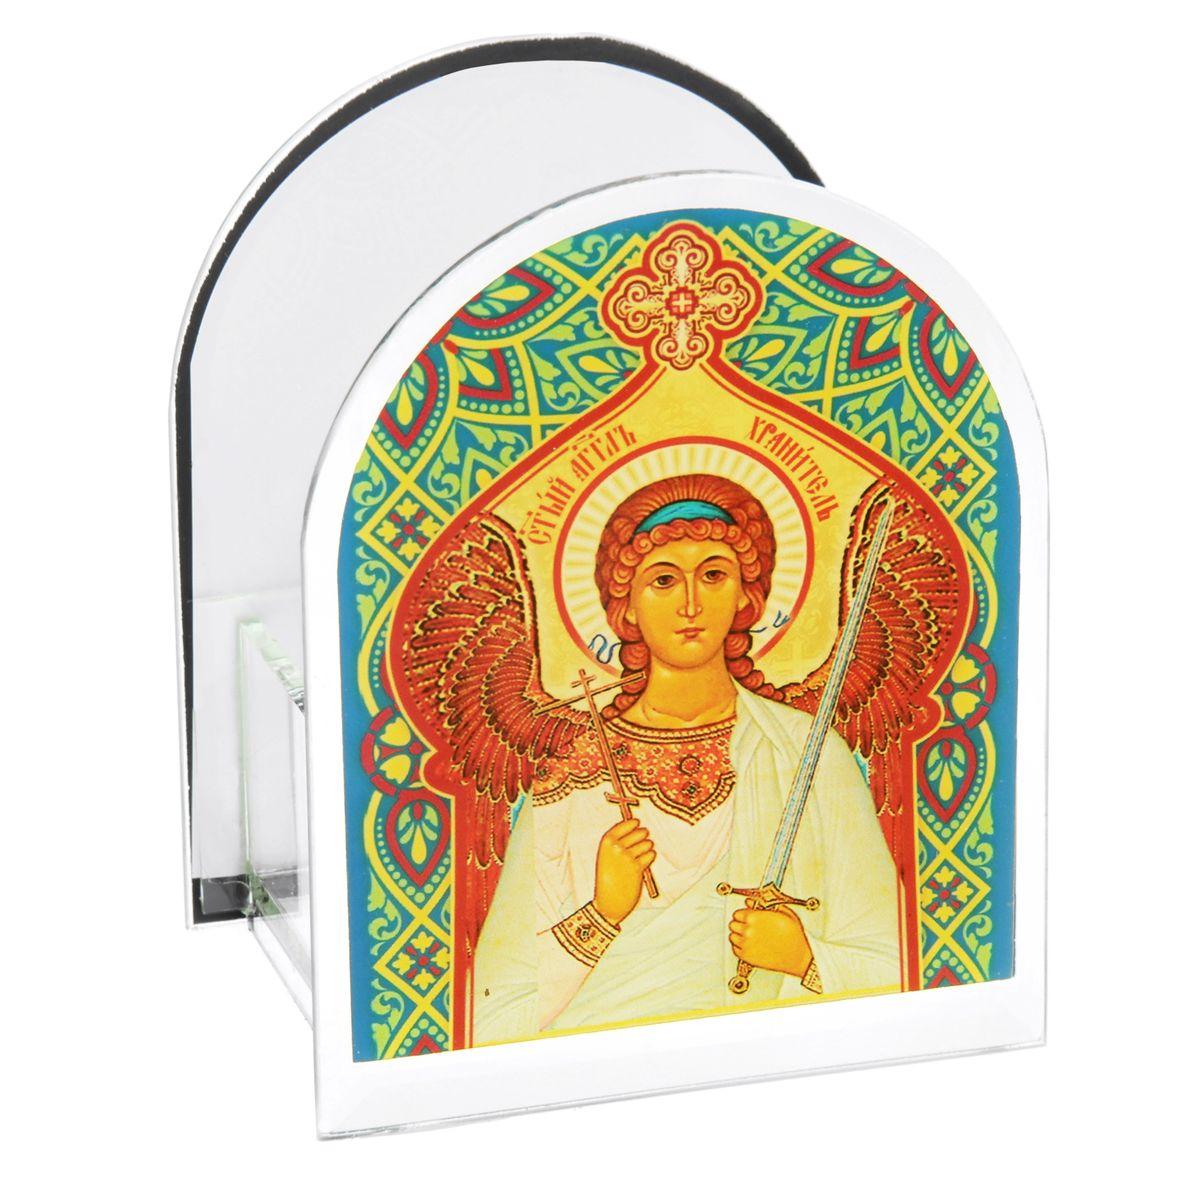 Подсвечник Sima-land Ангел Хранитель842468Подсвечник Sima-land Ангел Хранитель изготовлен из качественного стекла, предназначен для свечи в гильзе. С одной стороны подсвечника изображен лик святого, с другой стороны нанесена молитва. Зажгите свечку поставьте ее в подсвечник и наслаждайтесь теплом, которое наполнит ваше сердце.Такой подсвечник привнесет в ваш дом согласие и мир и будет прекрасным подарком, оберегающим близких вам людей. Размер подсвечника (ДхШхВ): 9 см х 7 см х 11 см.Диаметр отверстия для свечи: 4,5 см.